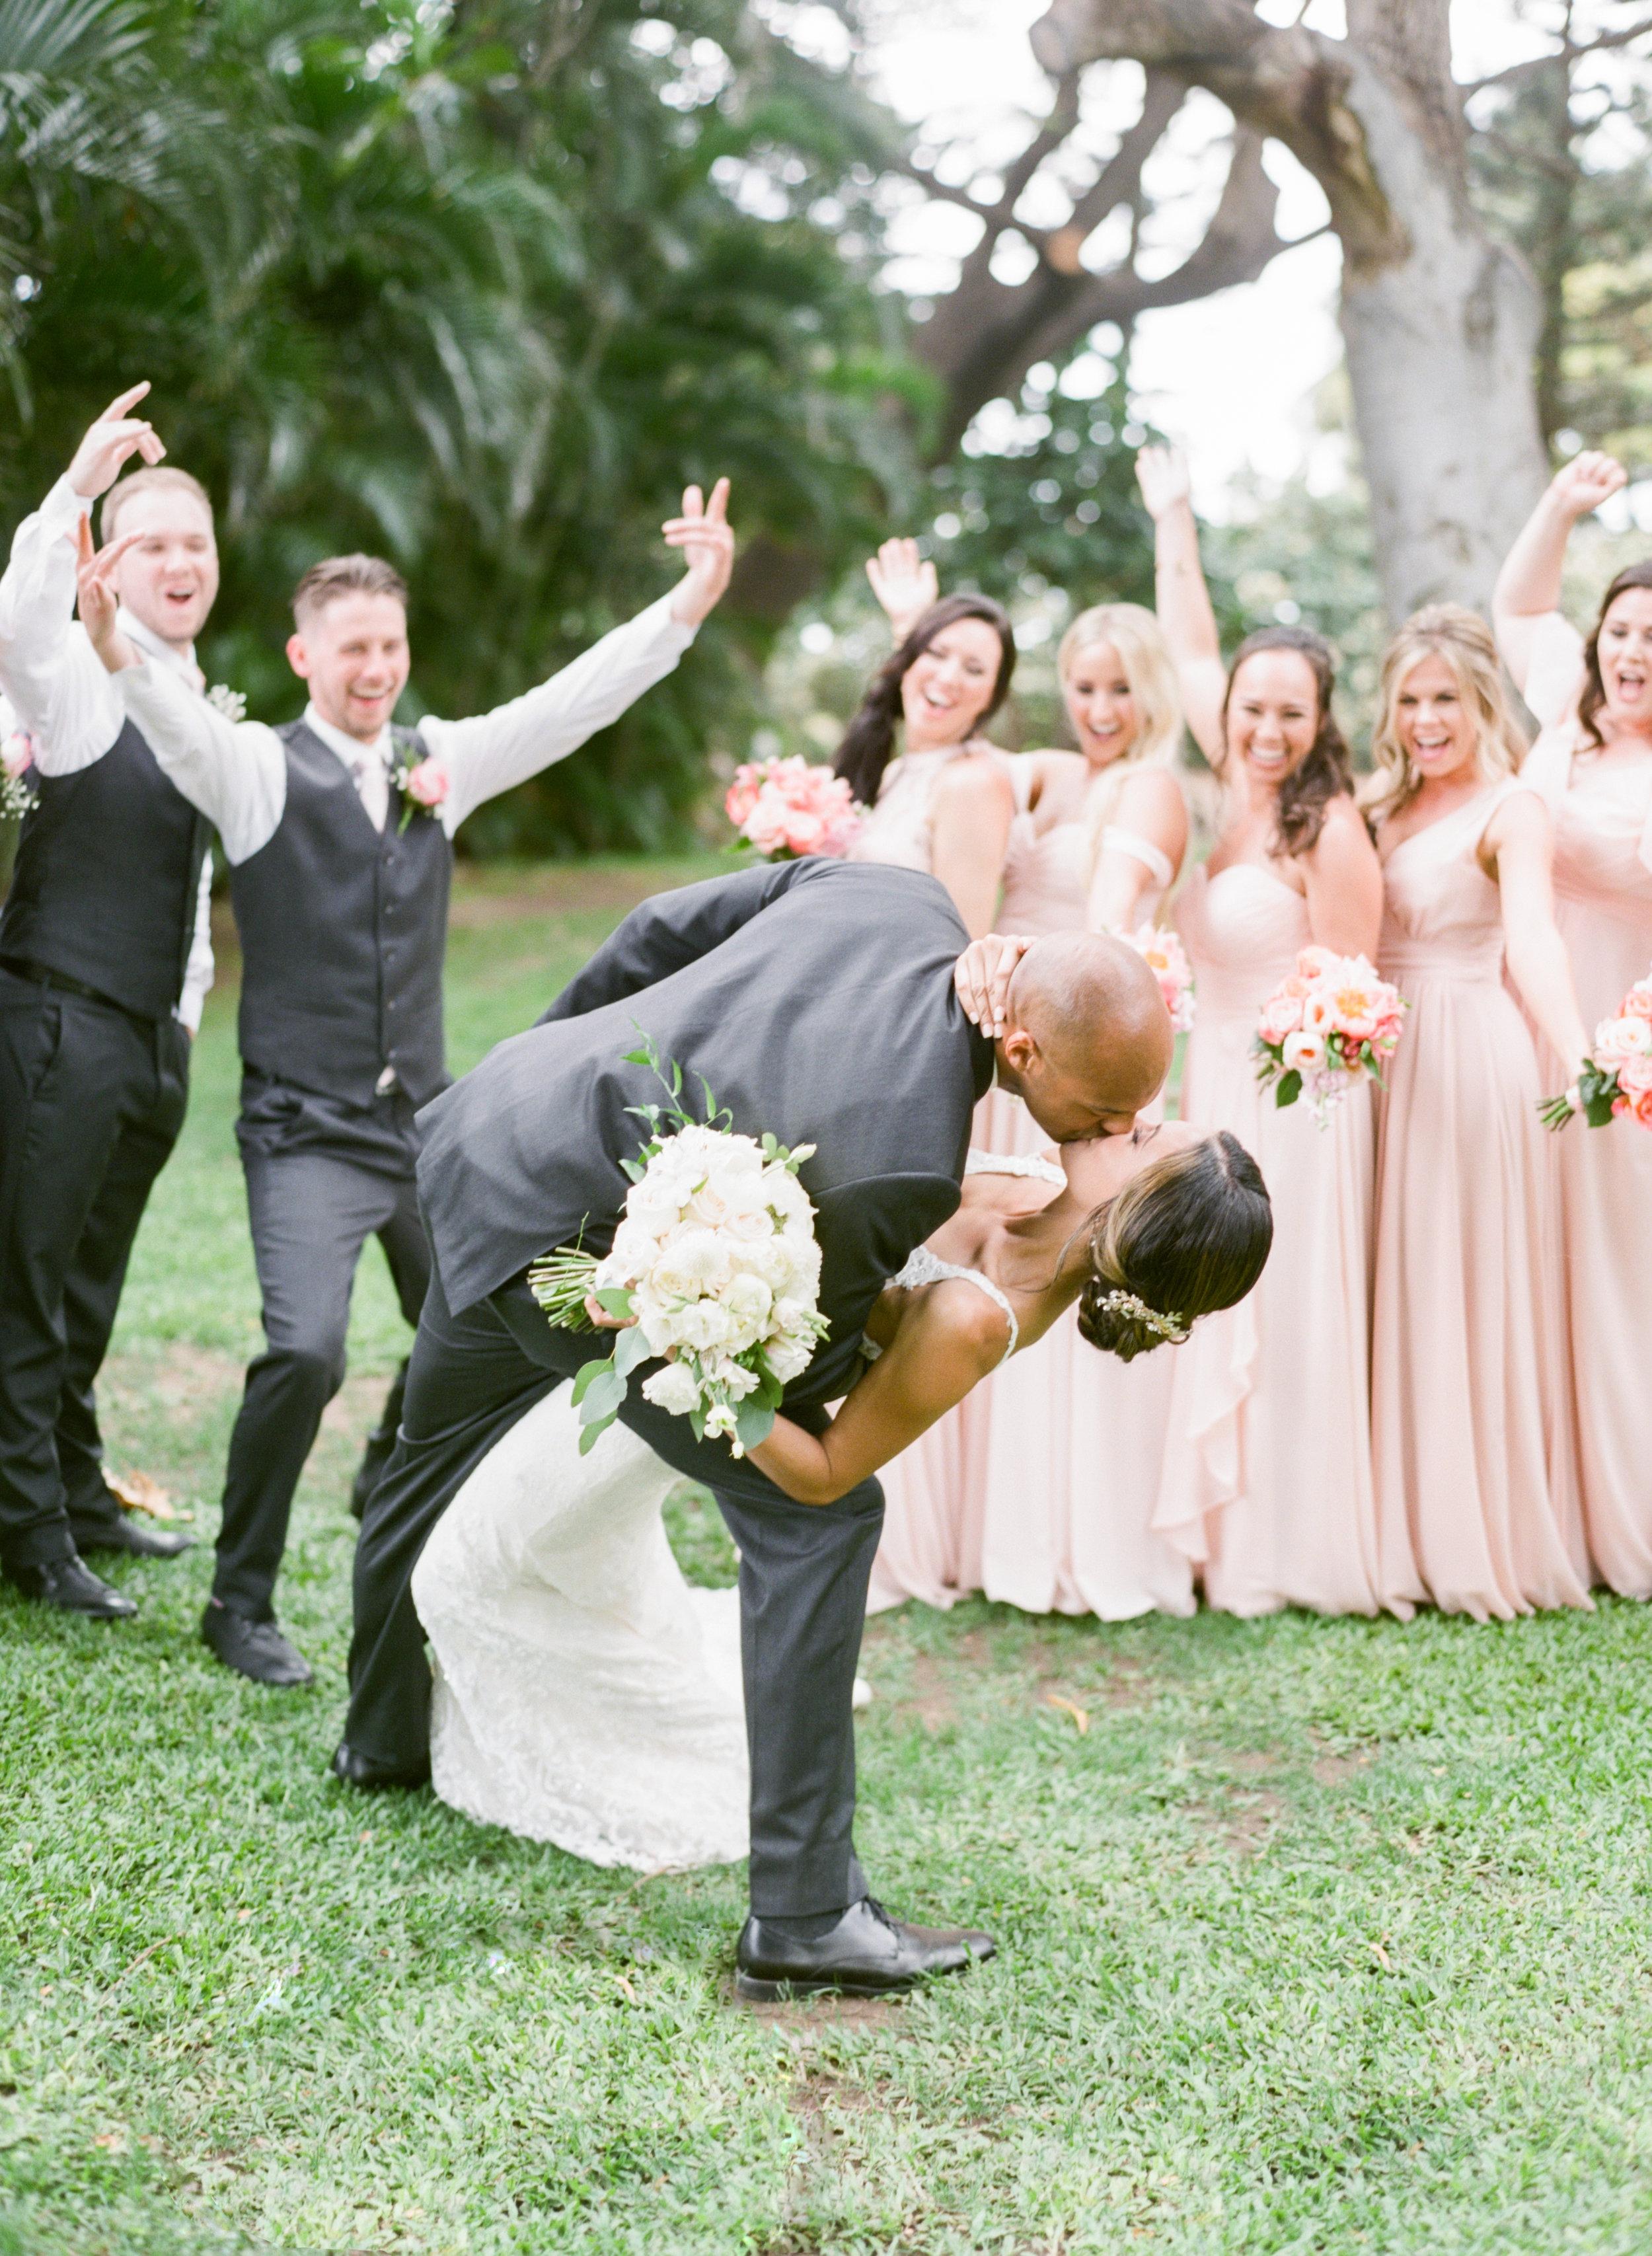 Olowalu-Plantation-House-wedding-Maui-Hawaii-1-2.jpg